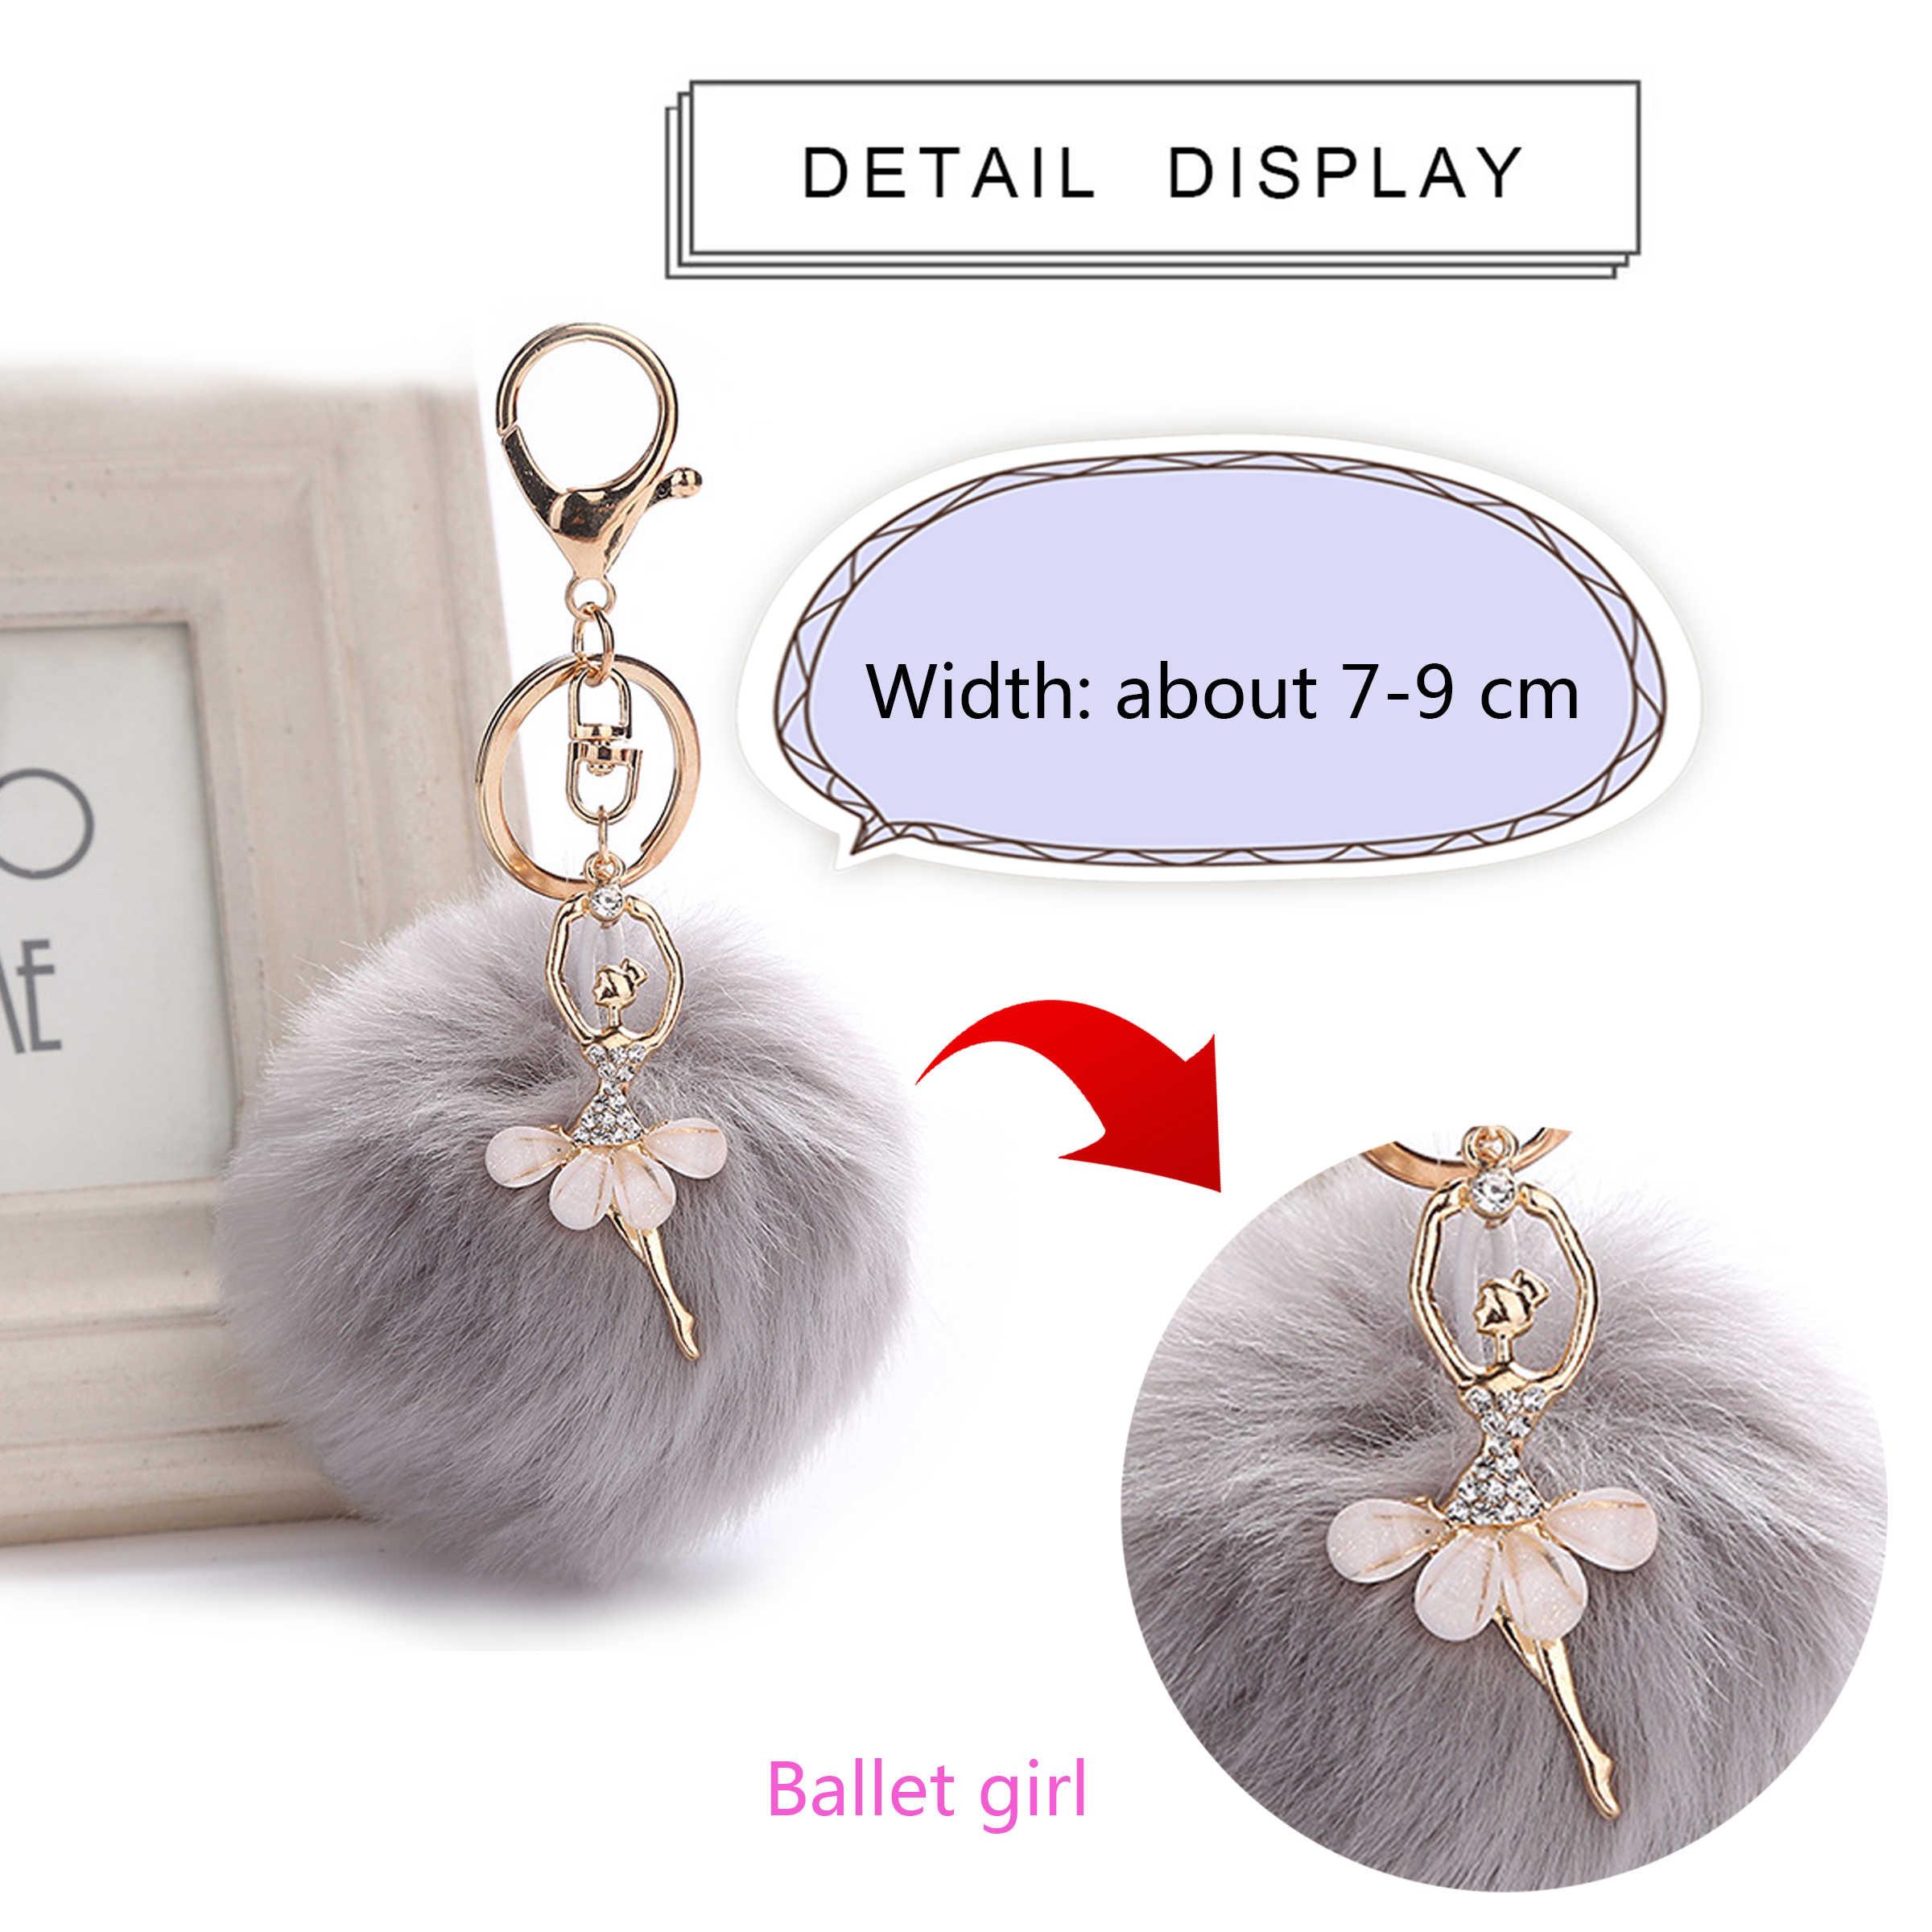 Новый танцующий Ангел девушка пушистый помпон брелки для ключей Кролик Мех животных мяч для женщин сумка талисманы подарок ювелирные изделия